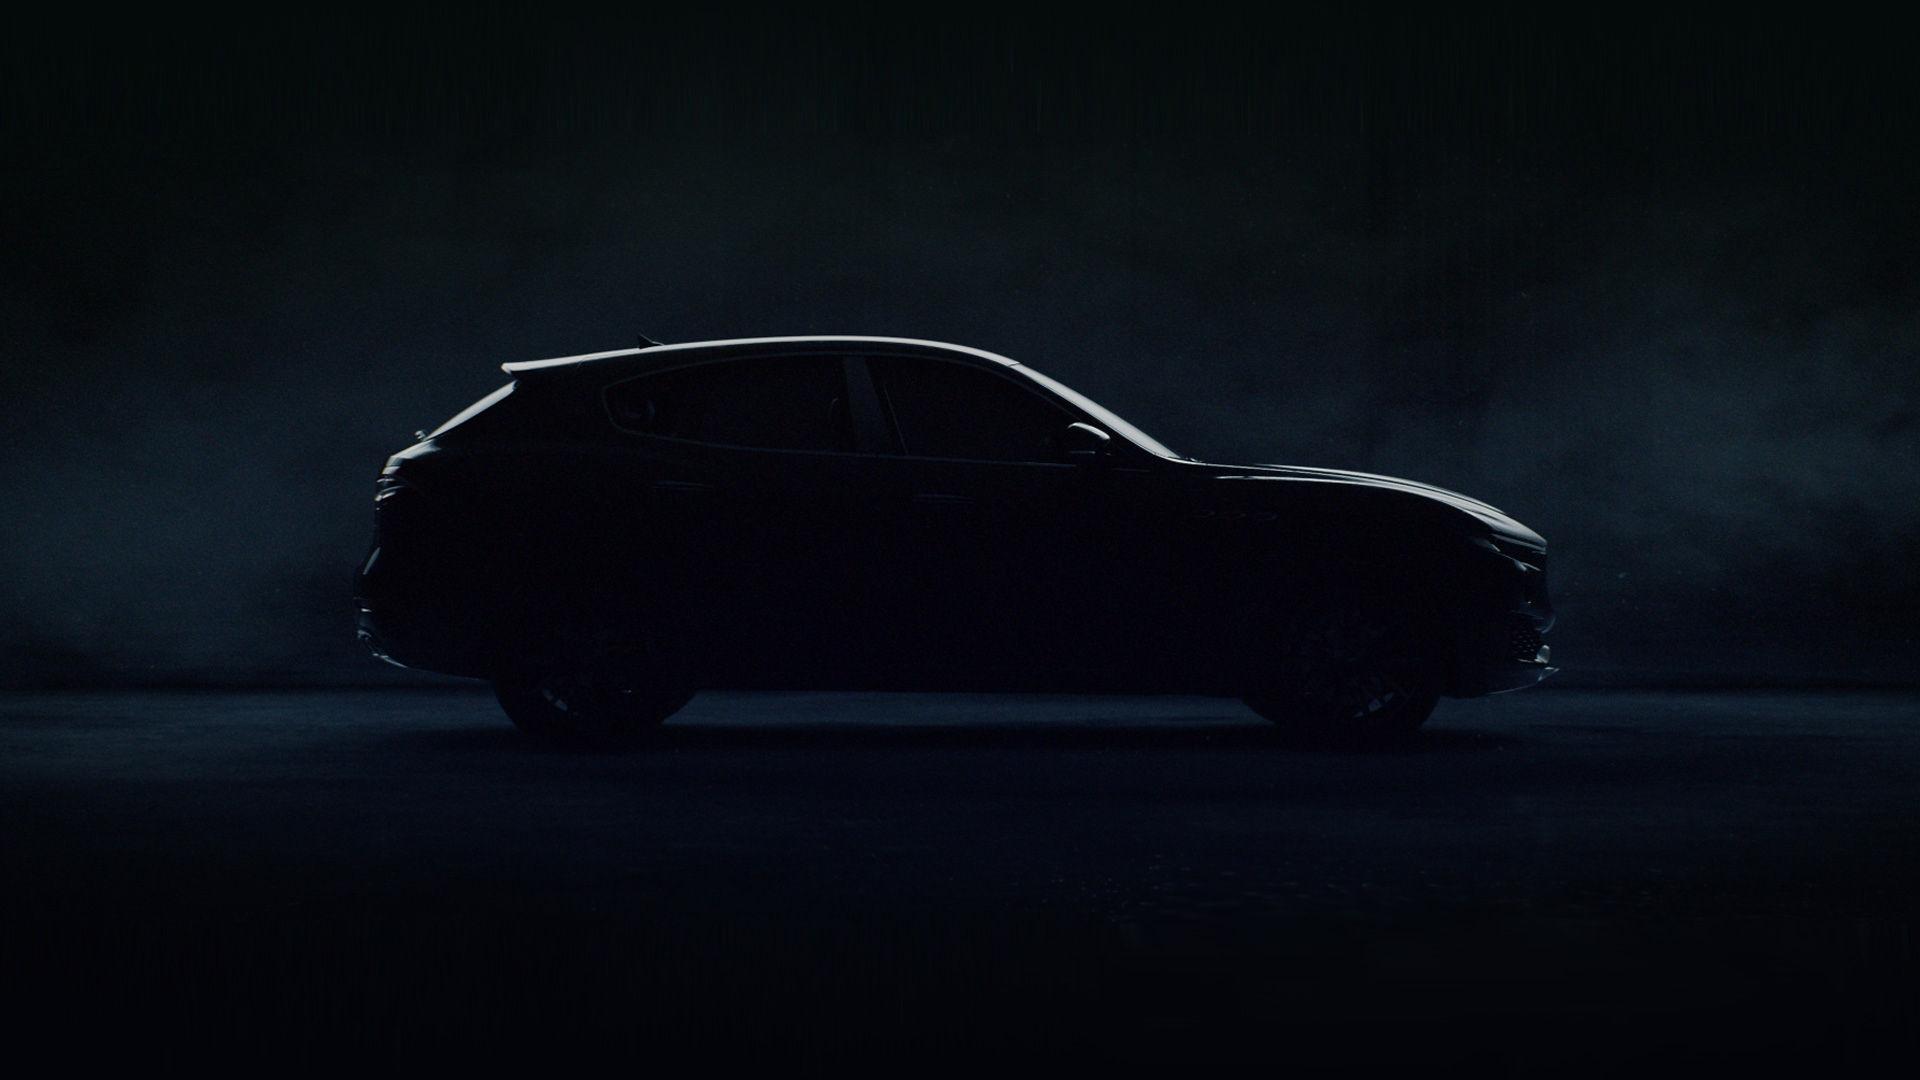 Maserati Levante dark silhouette, right side view